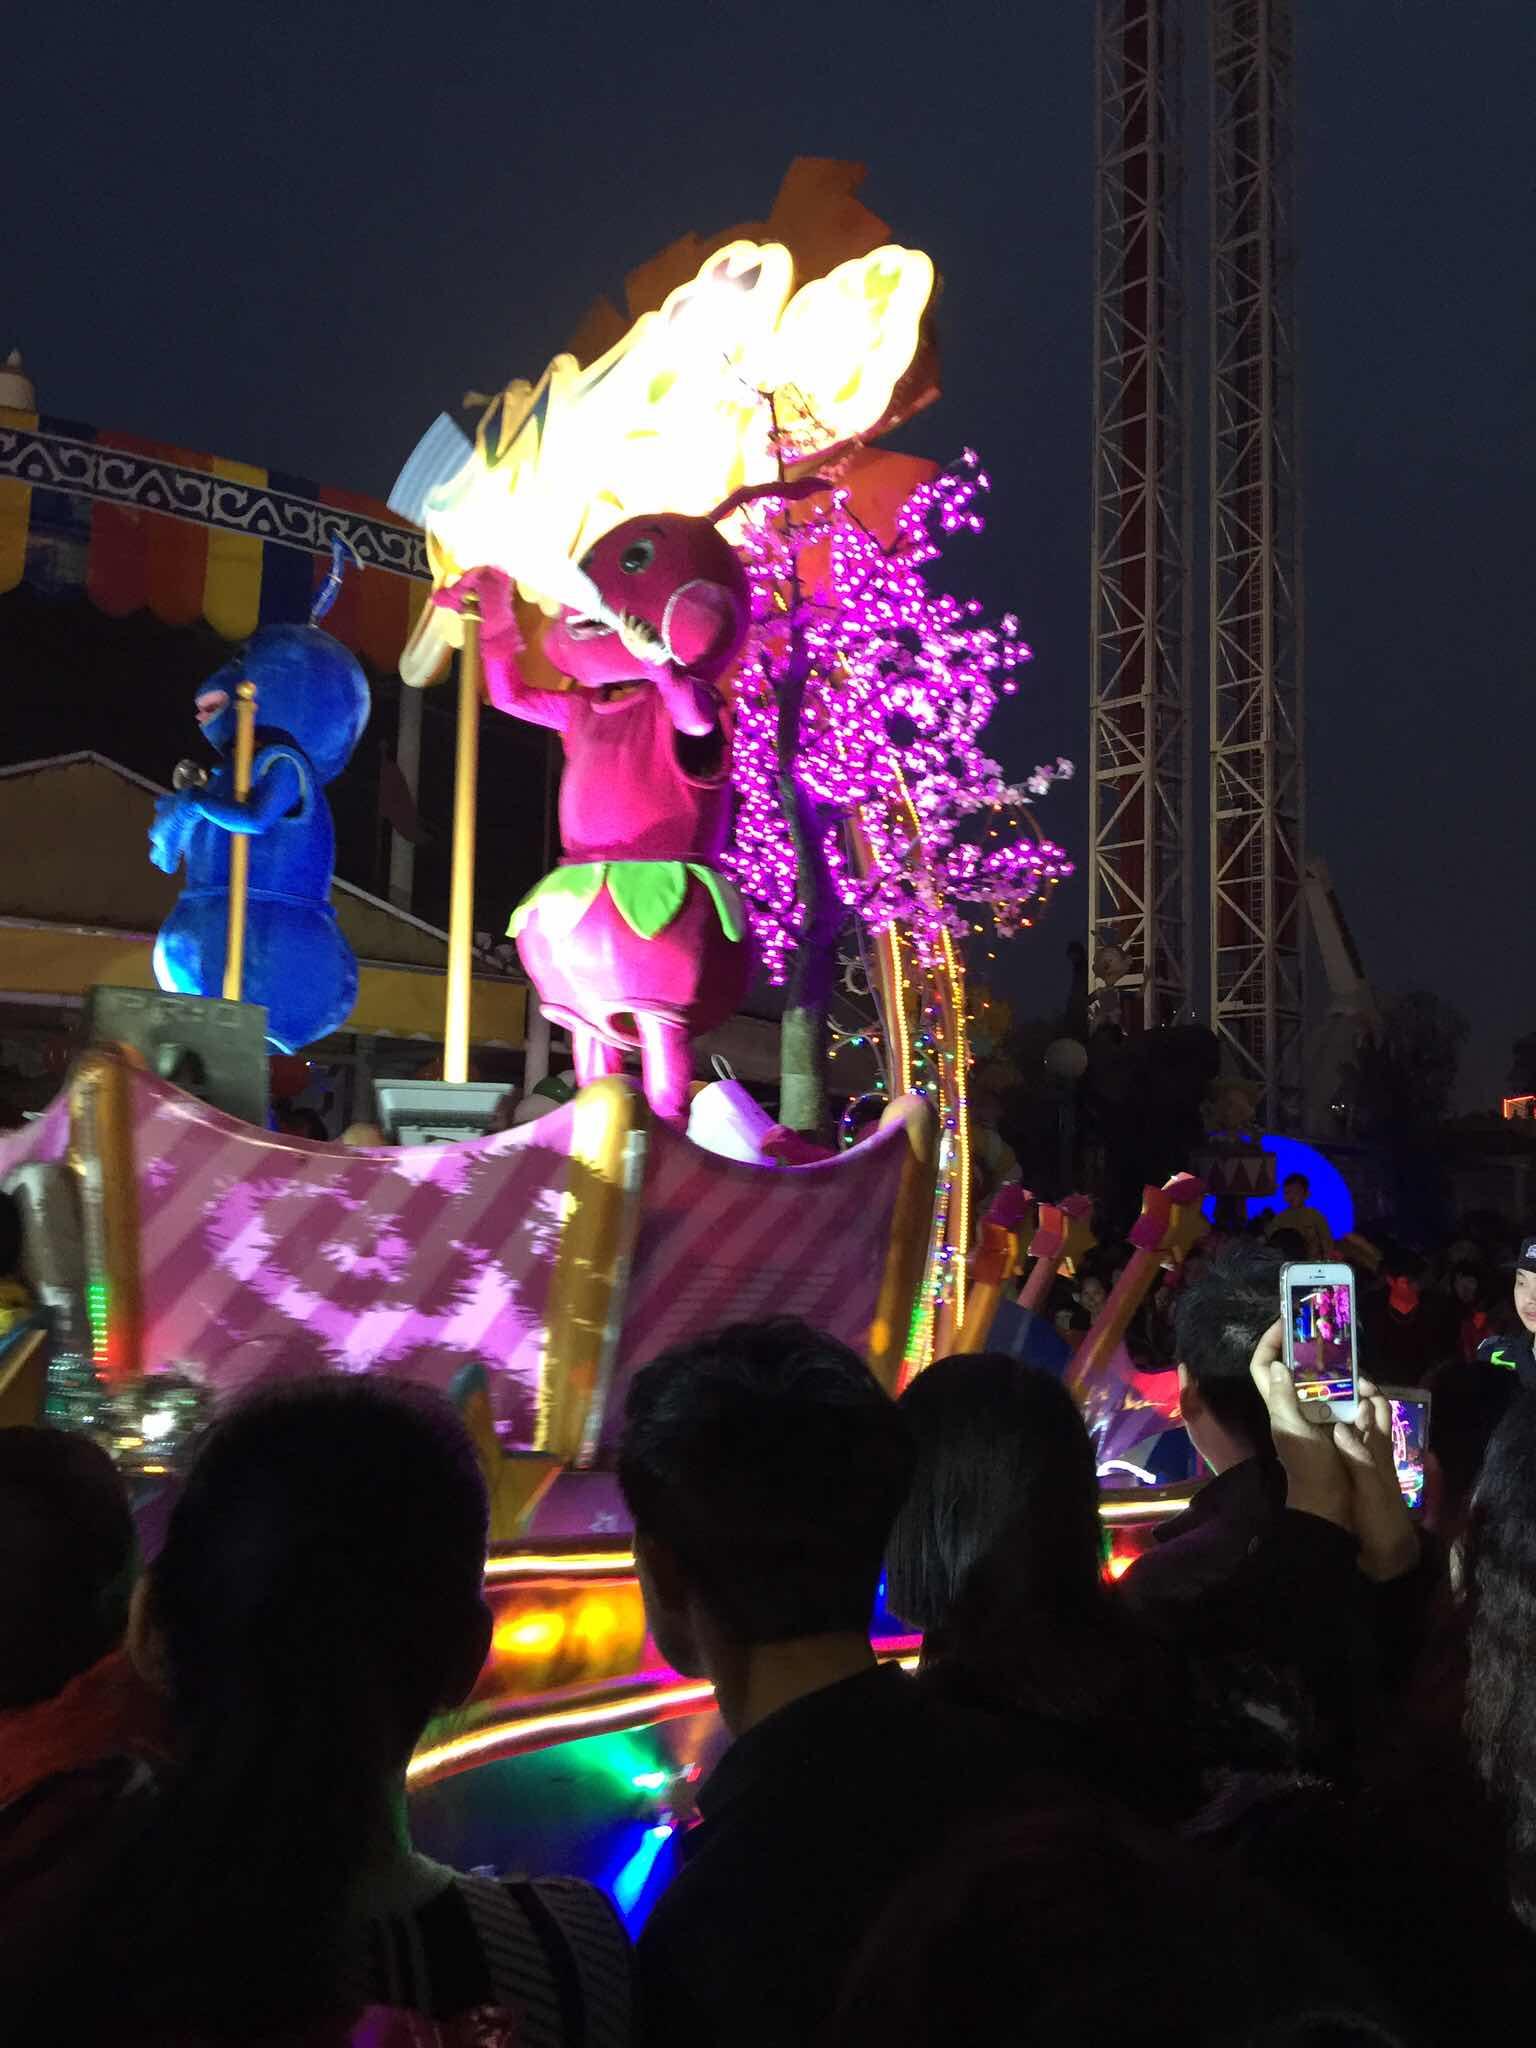 2015年武汉成人展_武汉欢乐谷   奇幻灯光节 夜场成人票(限3月5日游玩)【1元秒杀·门票